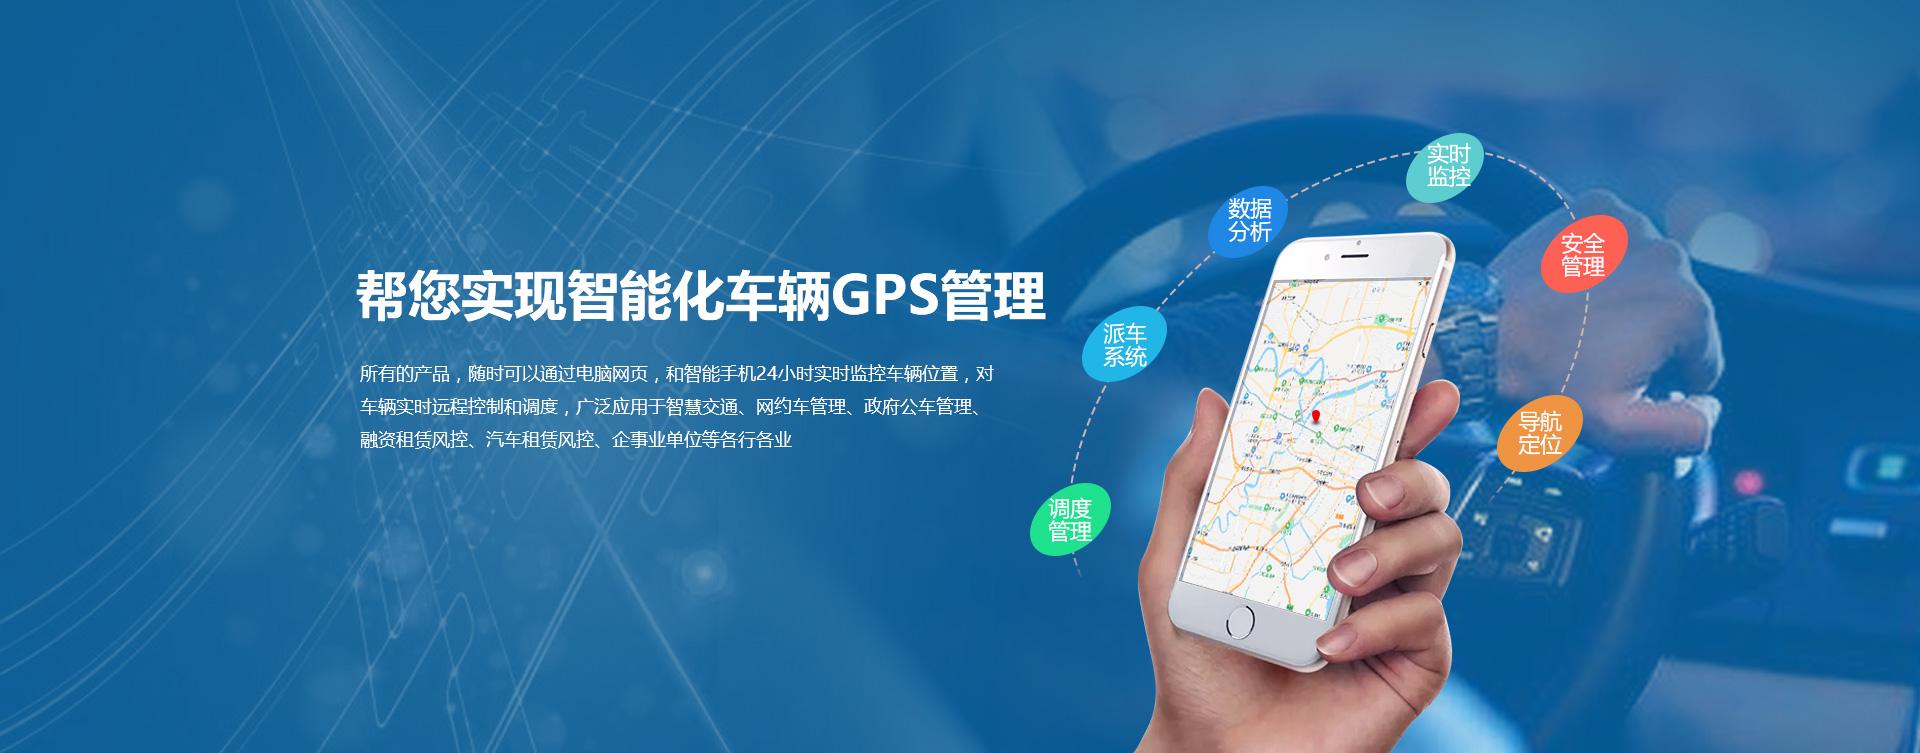 寧波gps定位系統